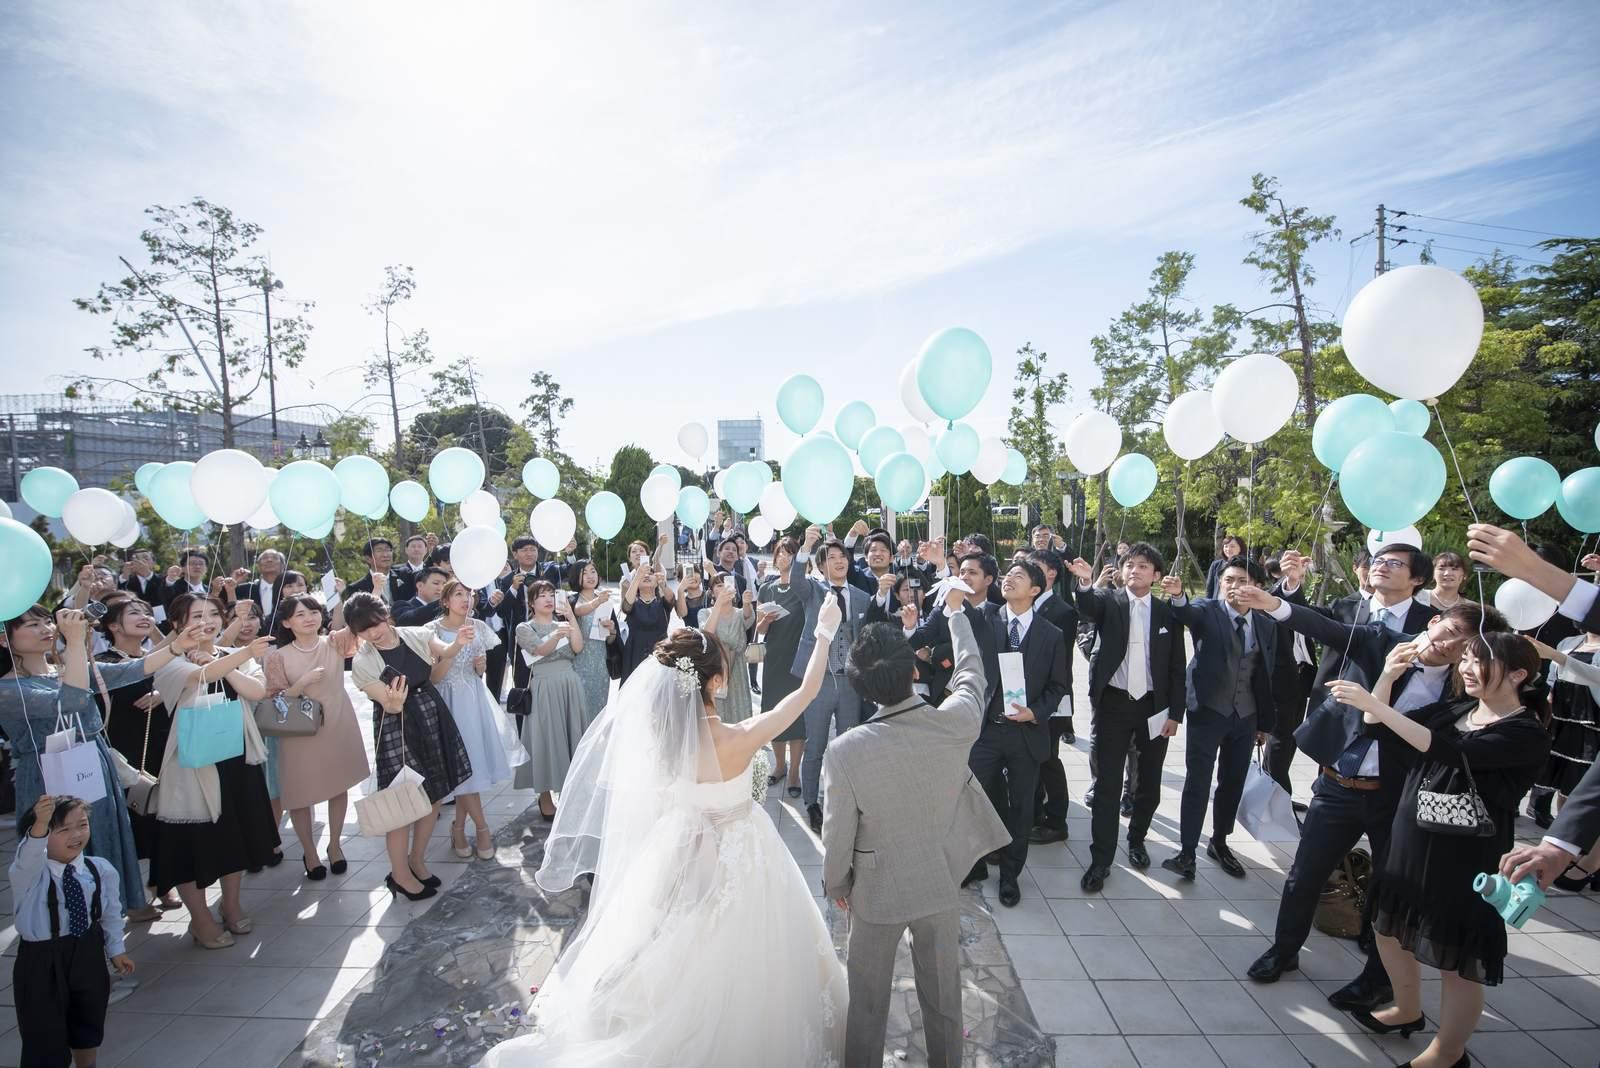 香川県の結婚式場シェルエメール&アイスタイルの大階段のバルーンリリース